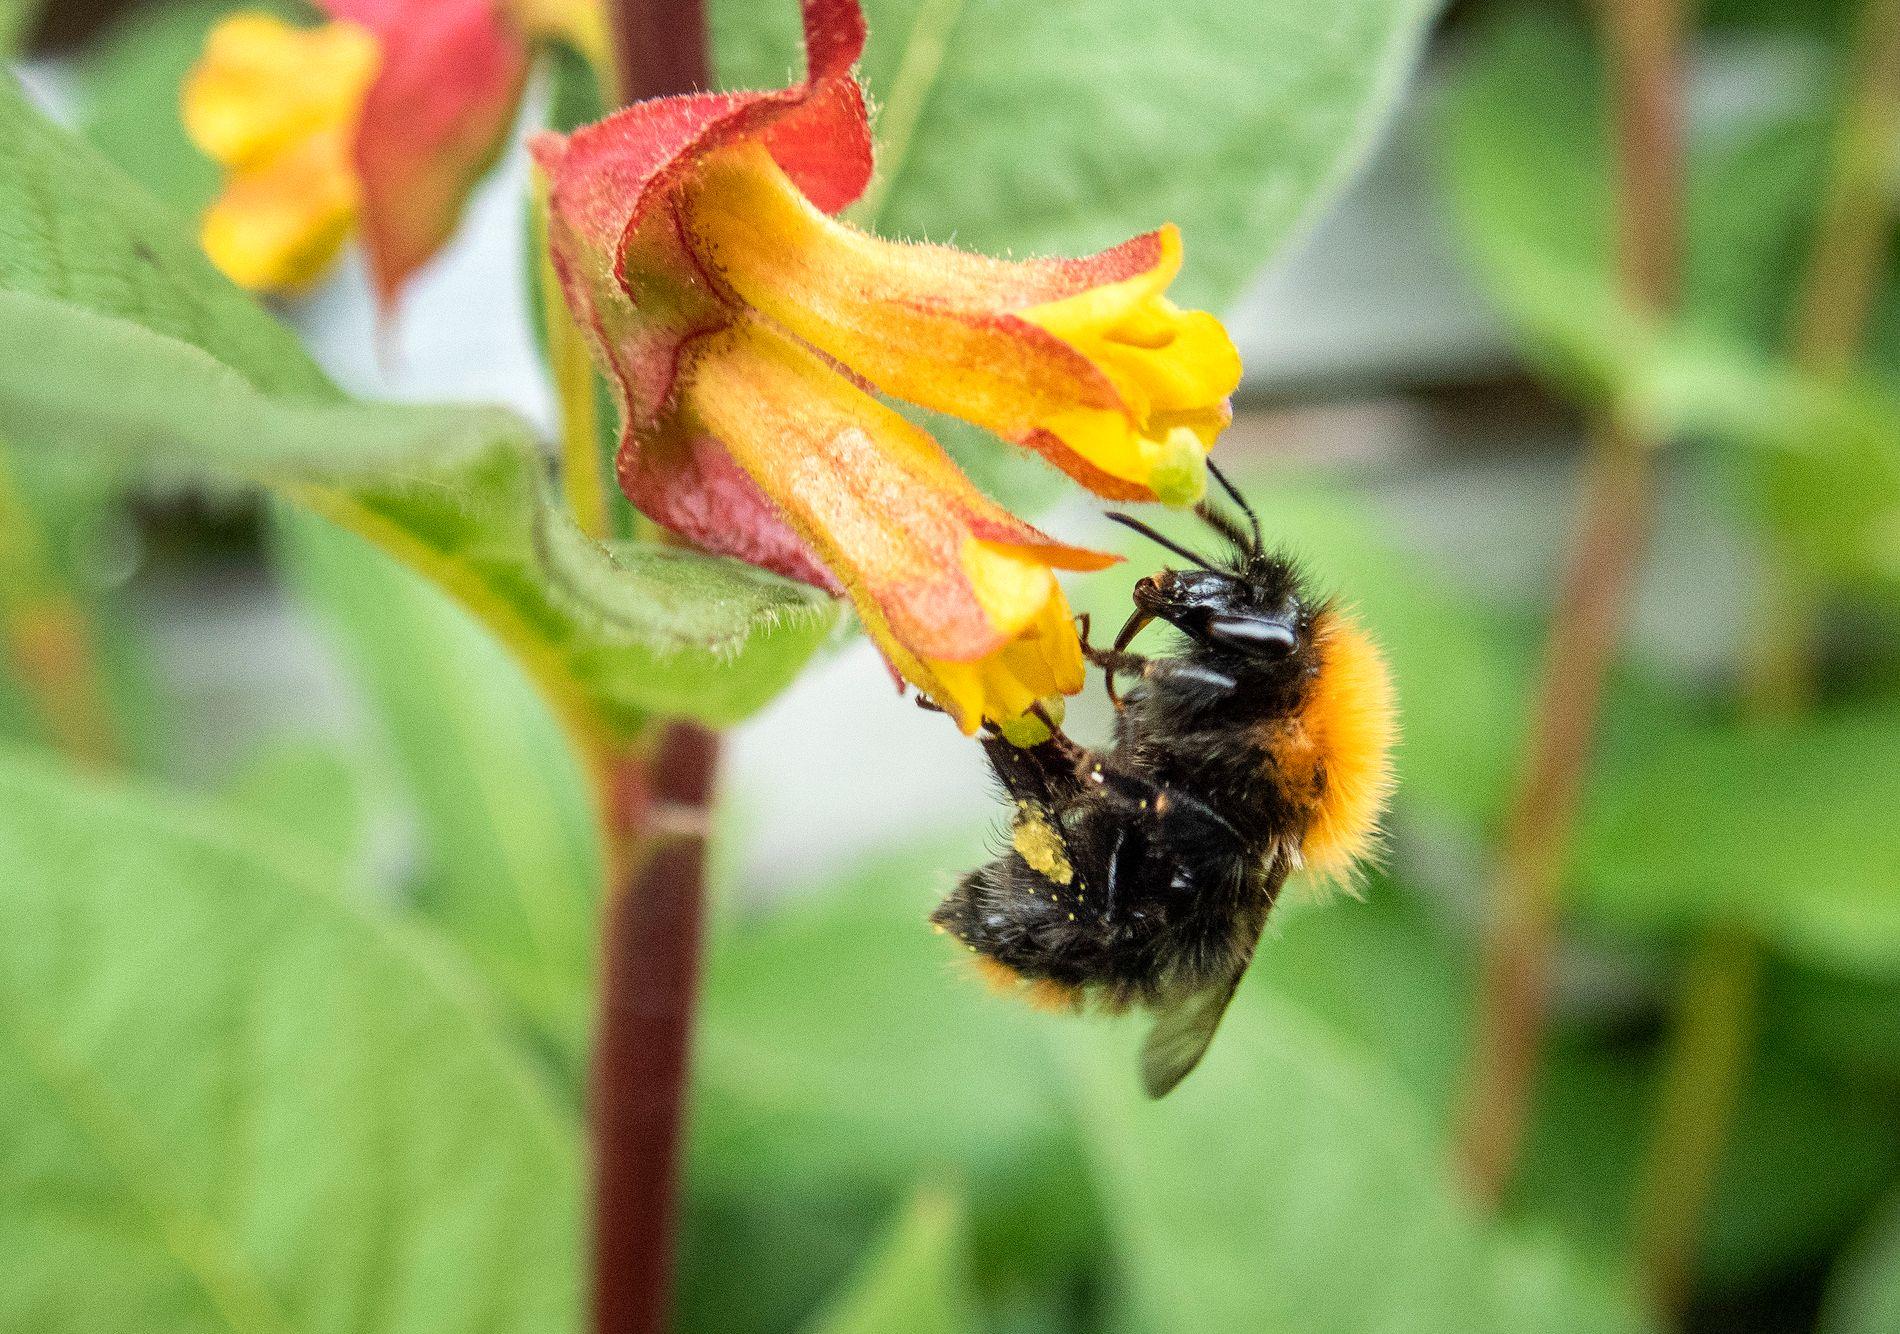 ØKOSYSTEM: En humle i ferd med å bestøve en blomst. Svært mange planter er avhengige av insekter for å formere seg.